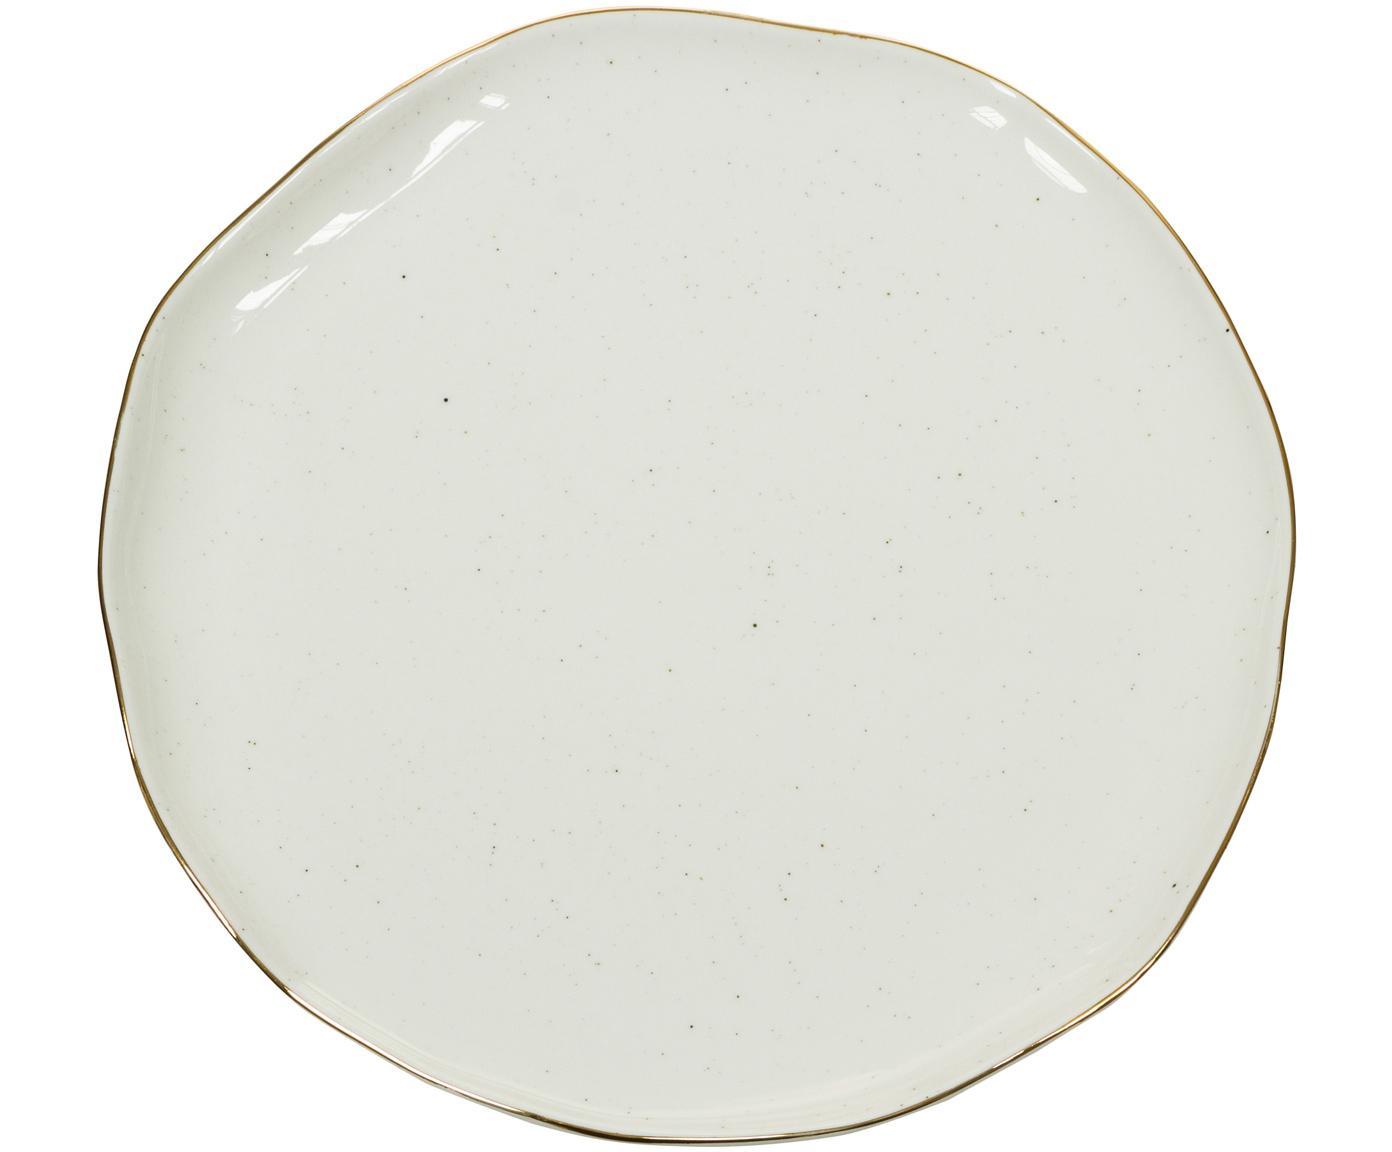 Platos postre artesanales Bol, 2uds., Porcelana, Blanco crema, Ø 19 x Al 3 cm